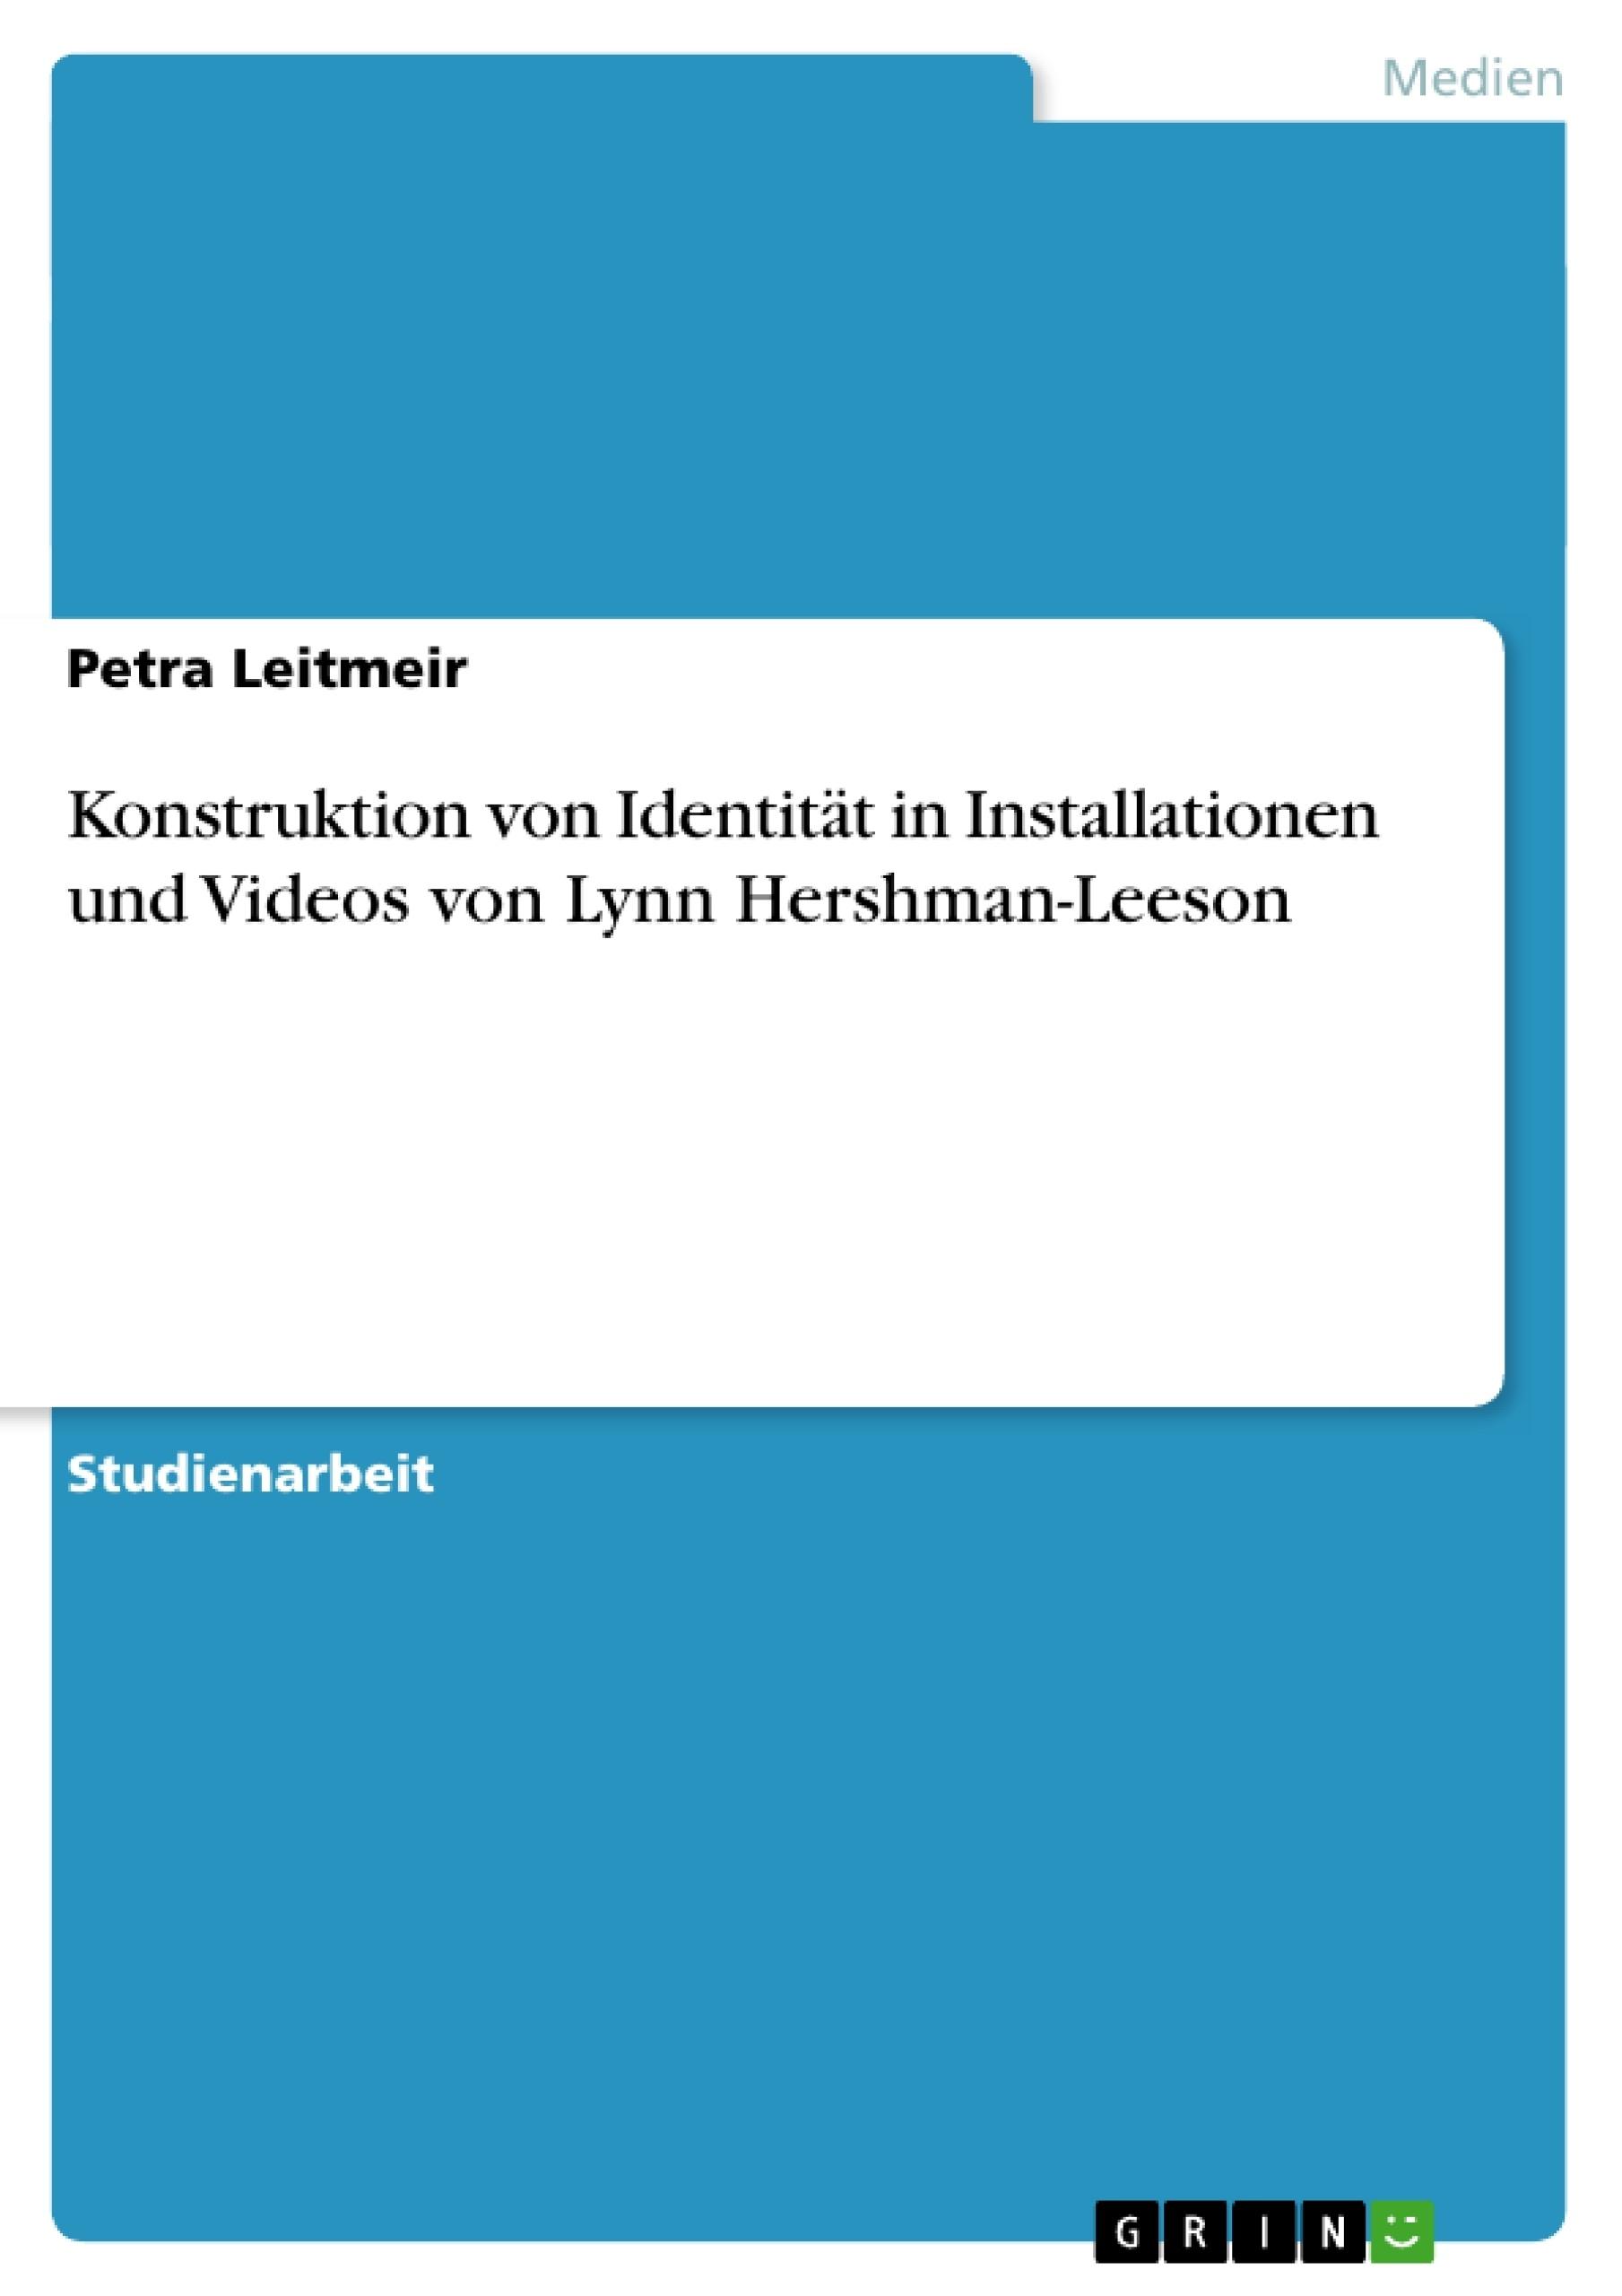 Titel: Konstruktion von Identität in Installationen und Videos von Lynn Hershman-Leeson